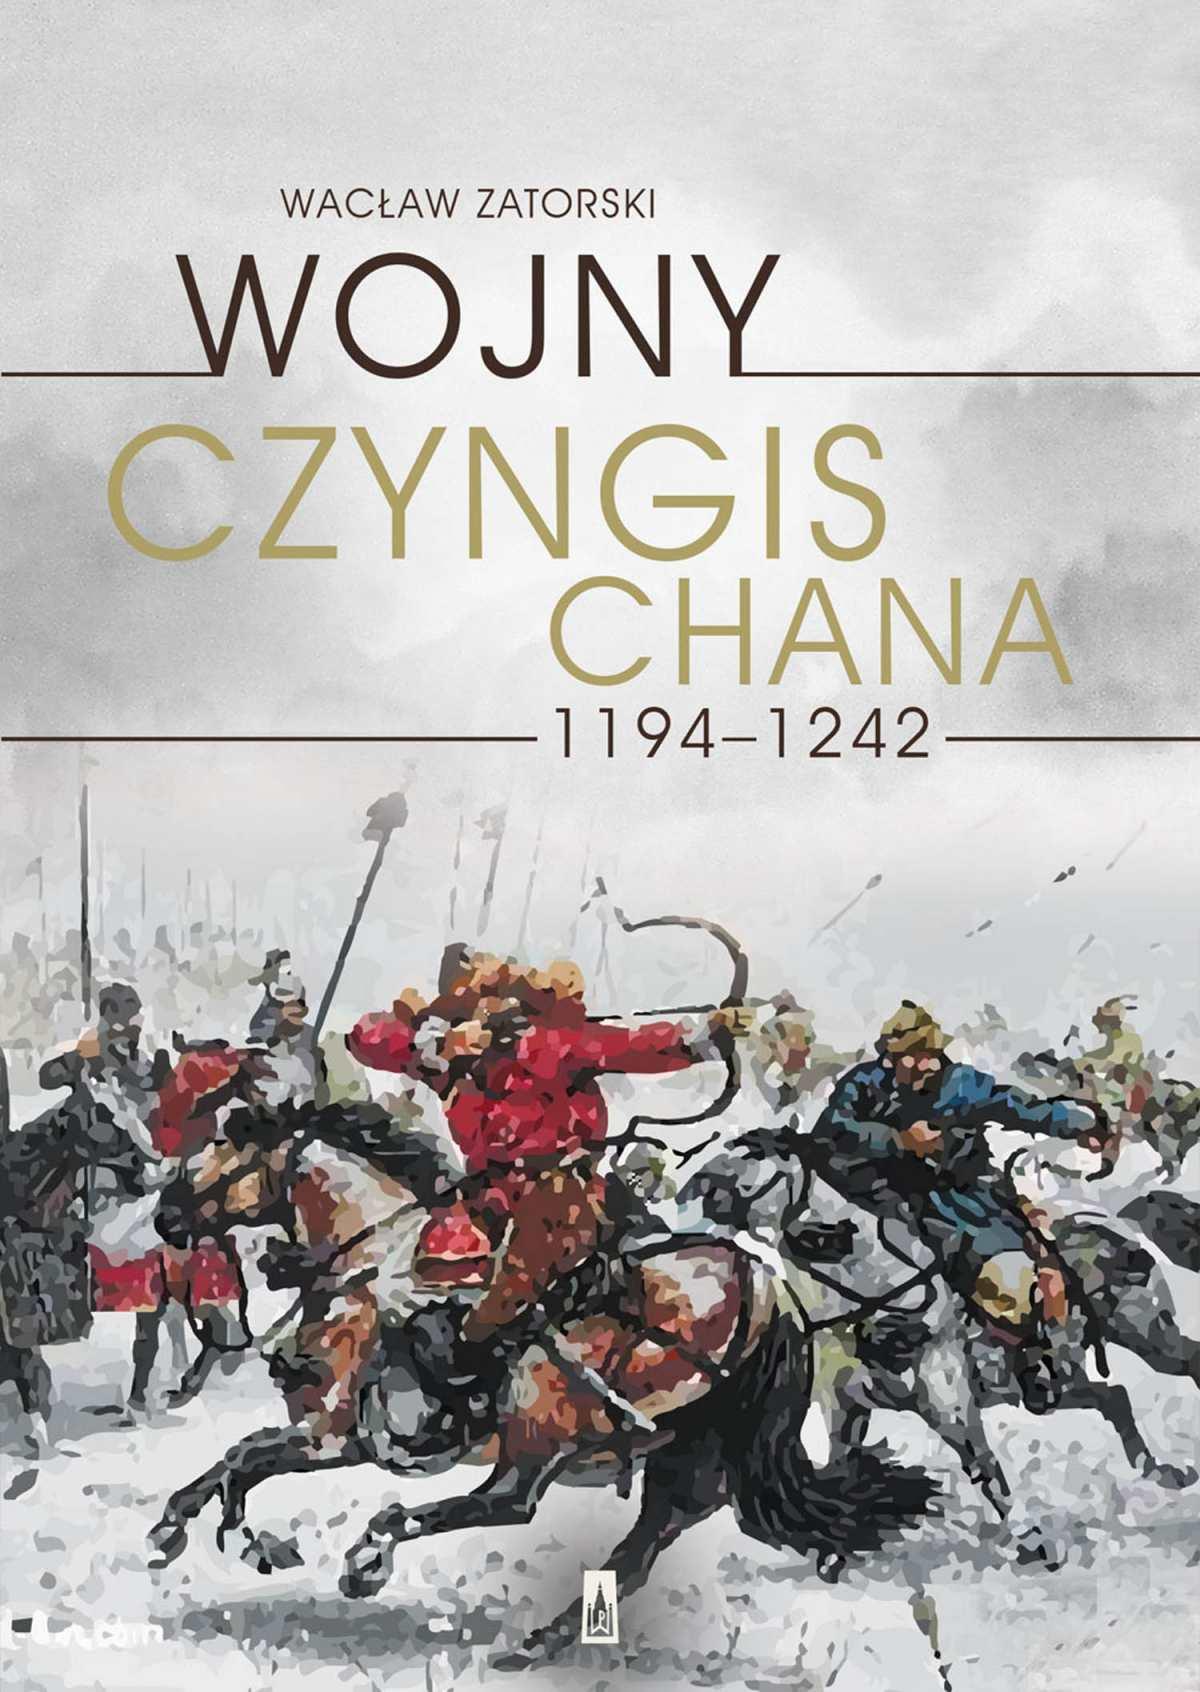 Wojny Czyngis-chana 1194–1242 - Ebook (Książka EPUB) do pobrania w formacie EPUB